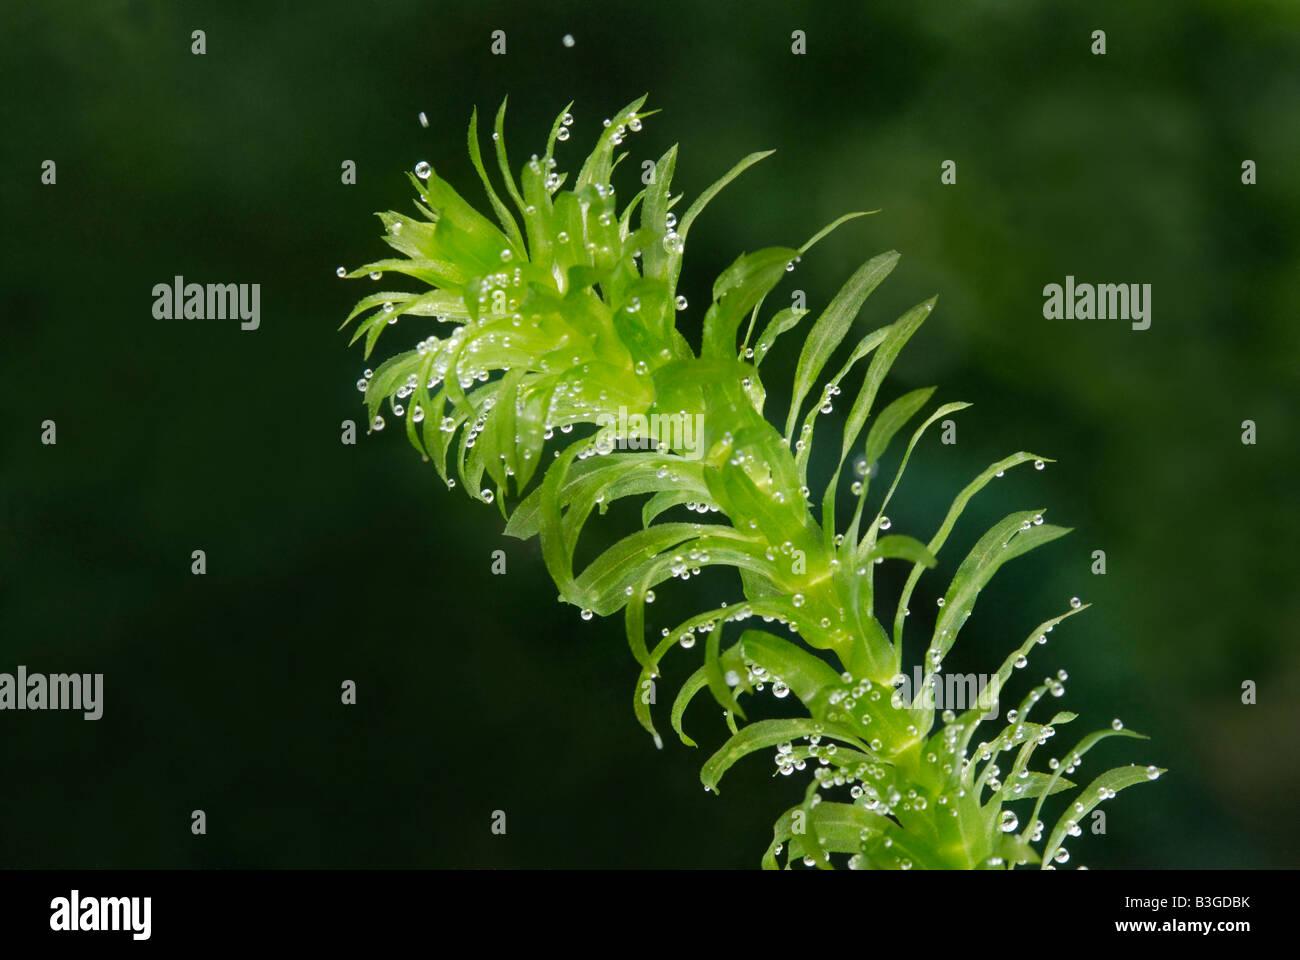 Zweig der Wasserpflanze Elodea, Teich Unkraut Sauerstoffblasen von Photosynthese produzieren Stockbild